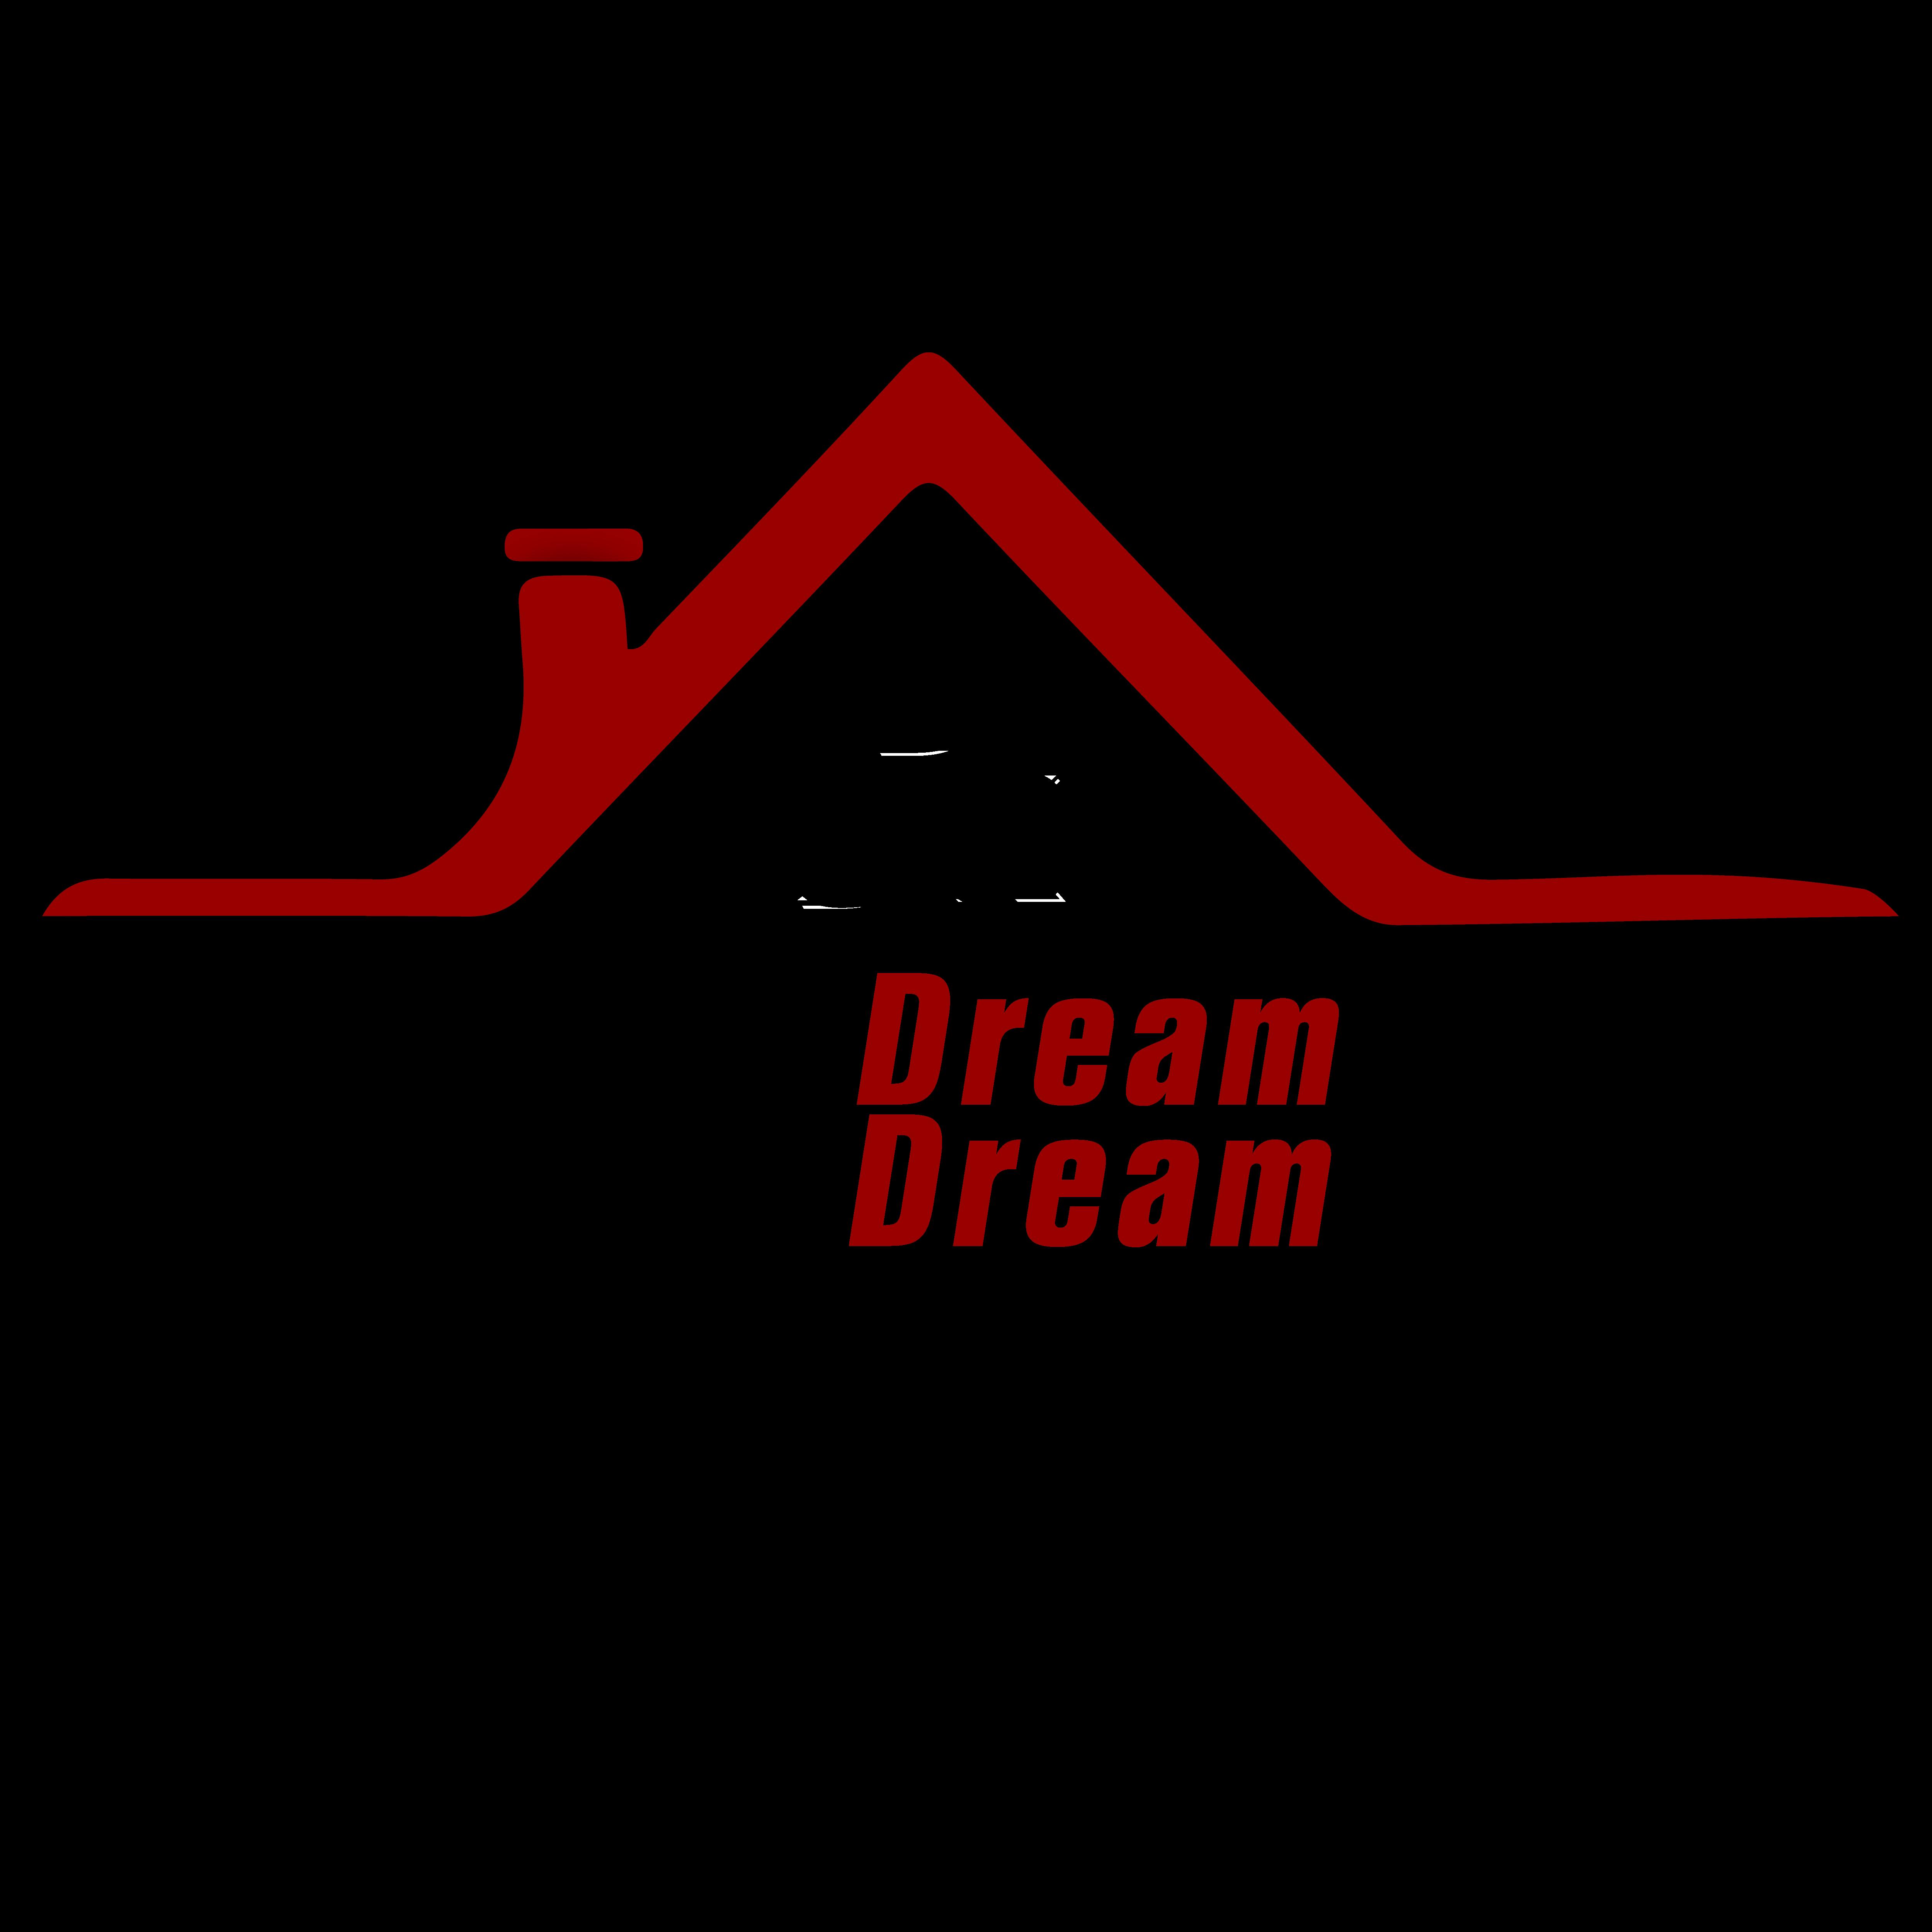 Desimone Dream Homes Llc Jnj Dream Team